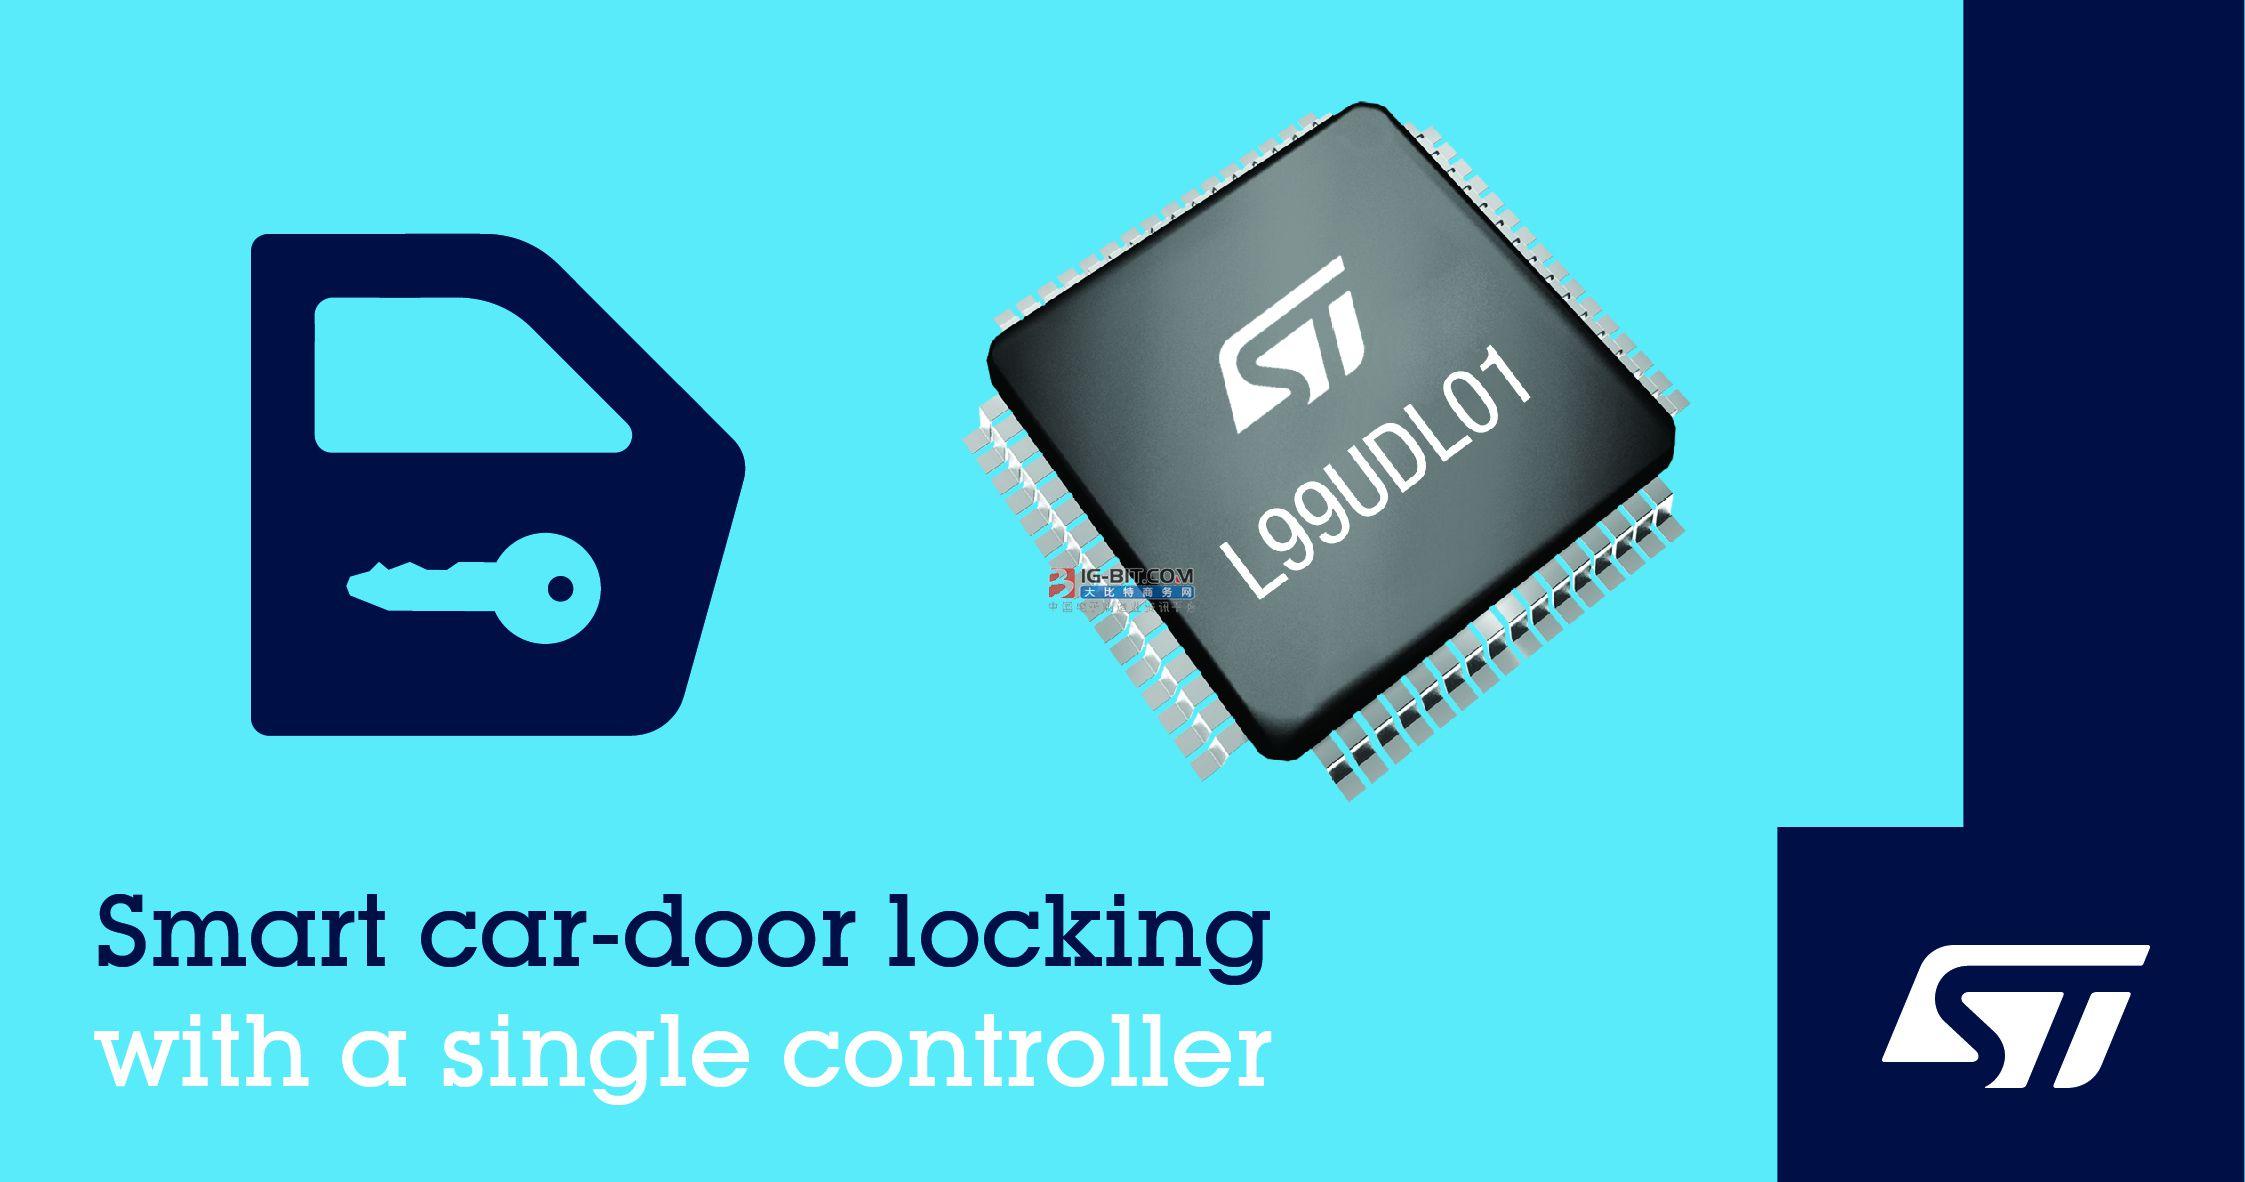 意法半导体推出高集成度通用型车门锁控制器  可简化设计,提高安全性